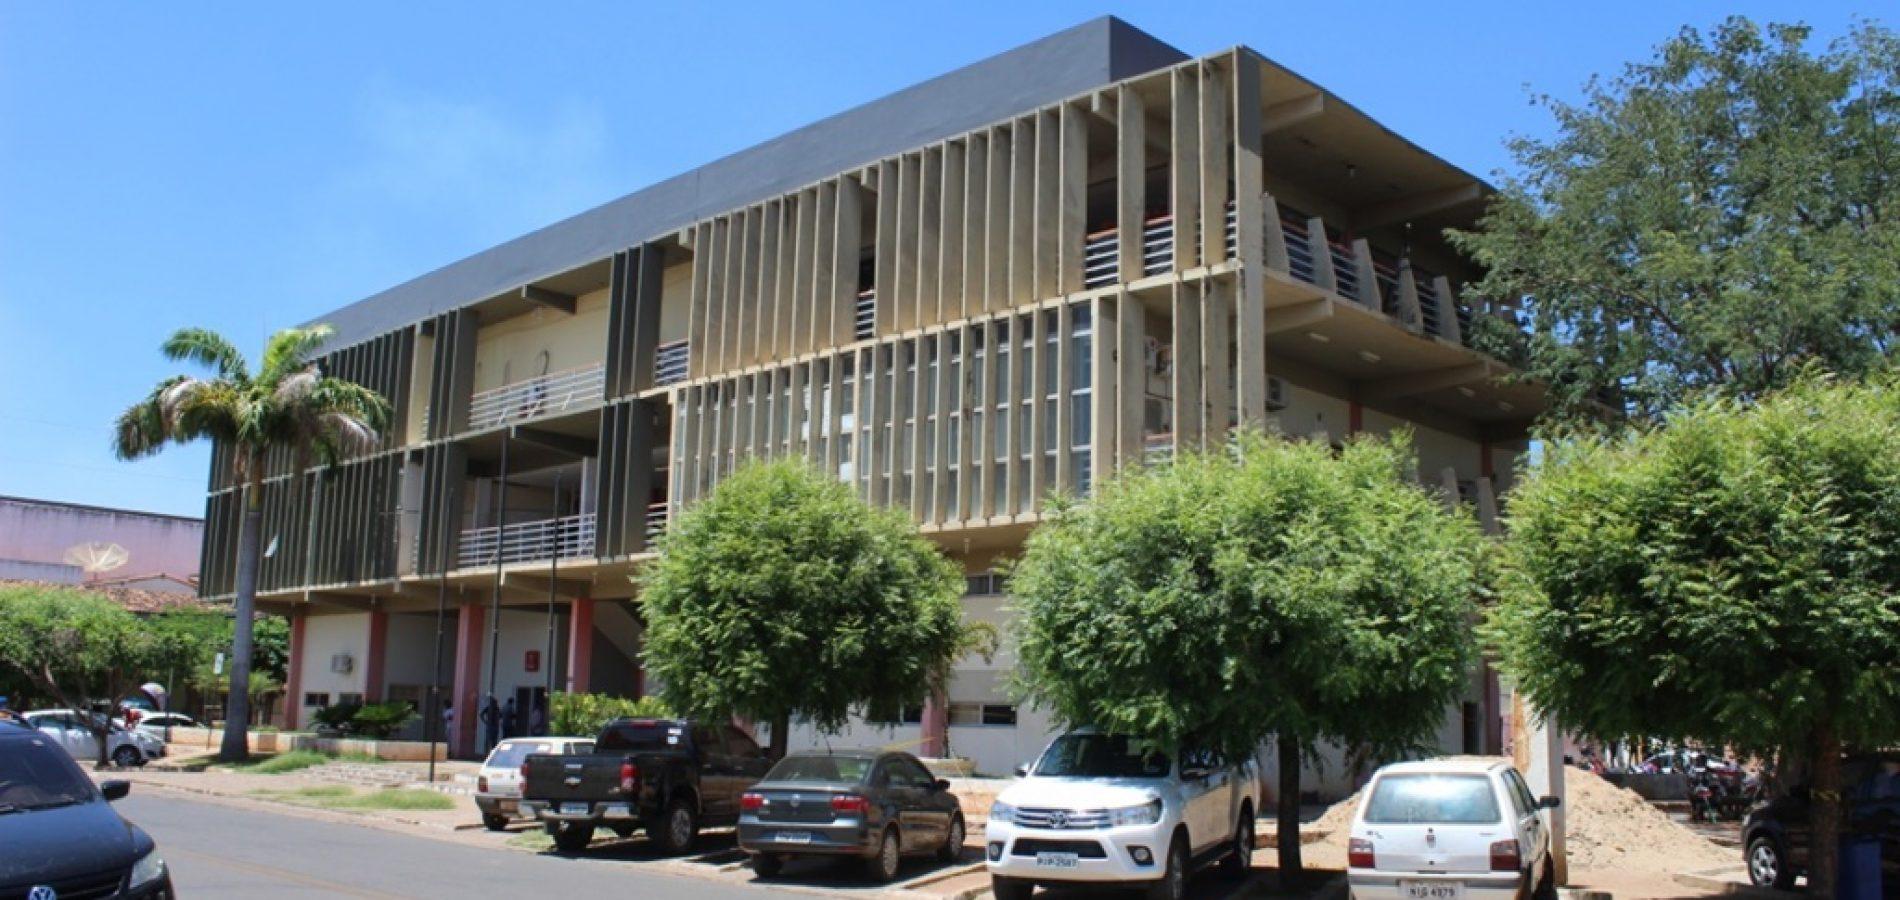 Prefeitura de Picos realiza pagamentos e negocia parcelamentos de débitos deixados pela gestão passada